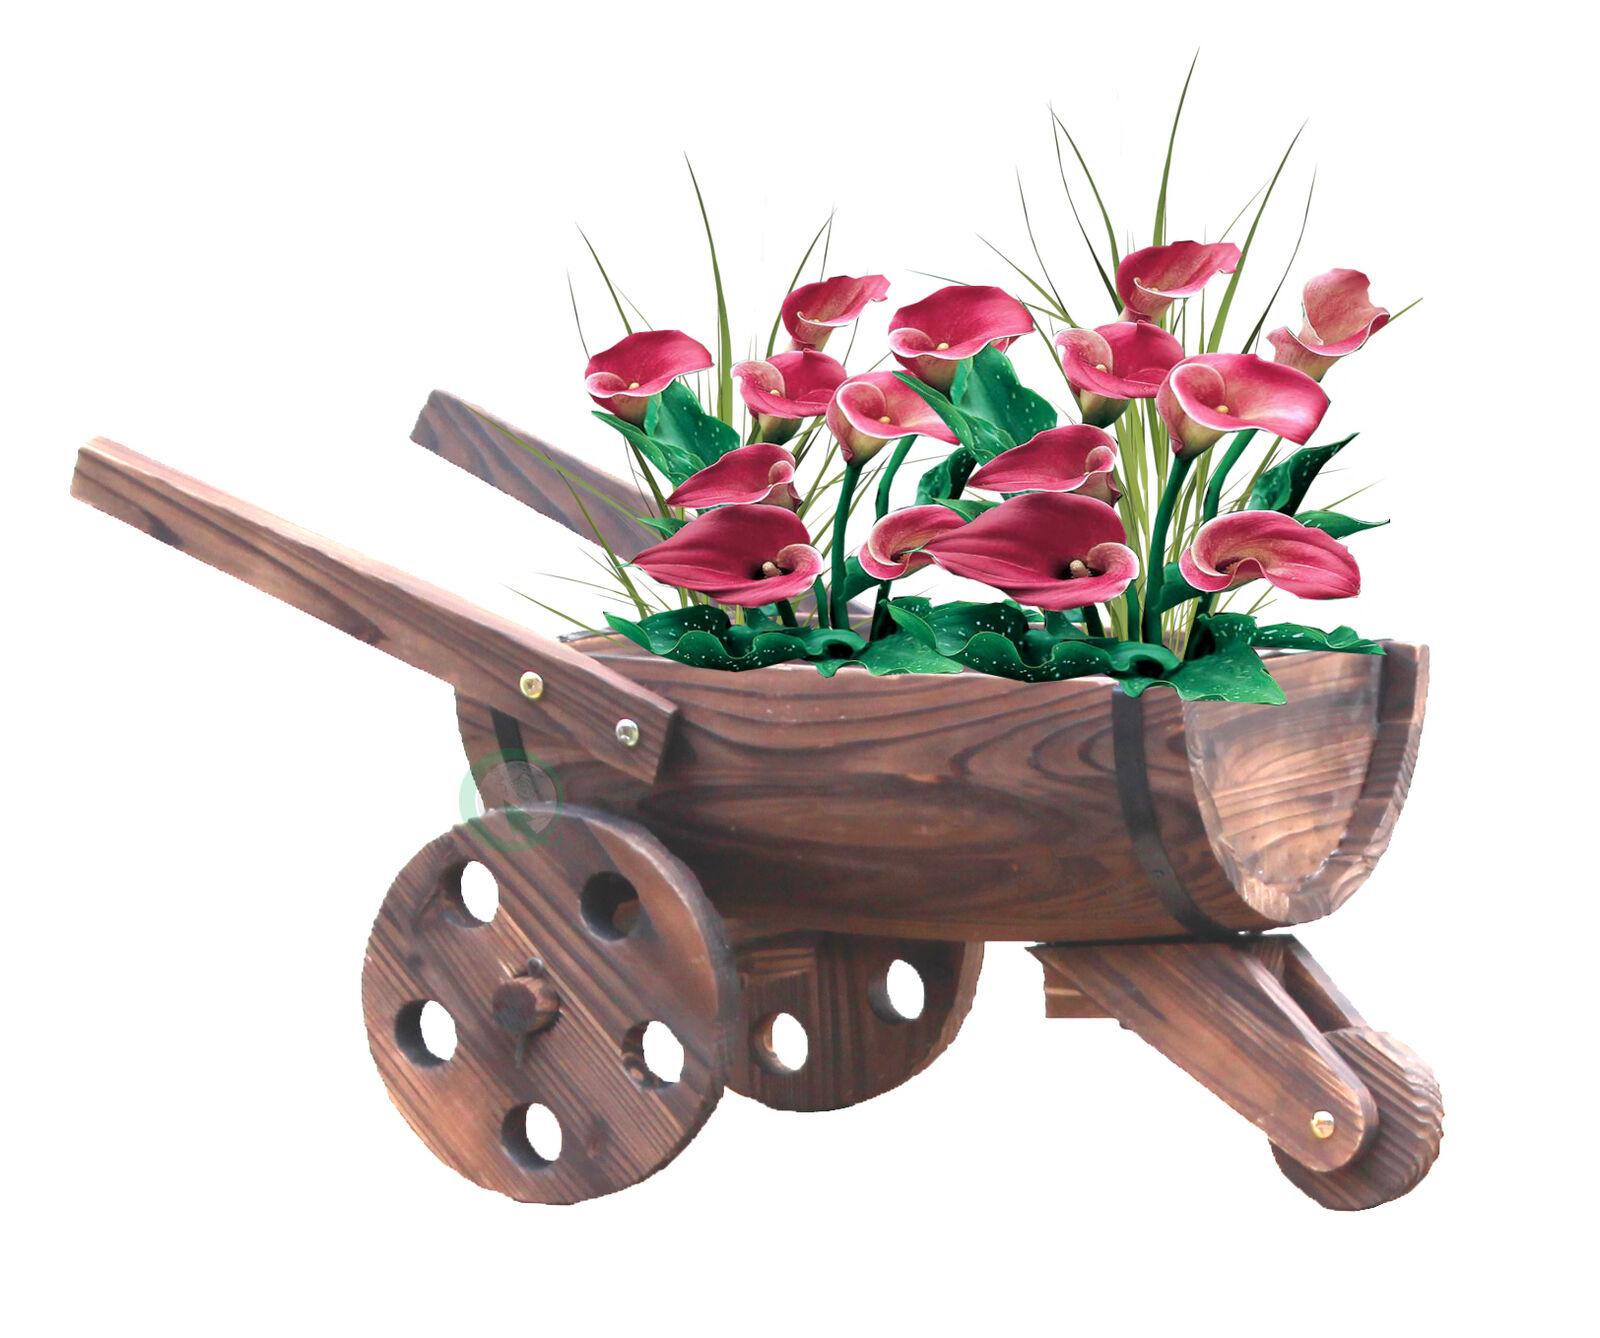 Nuevo gardenised Cocheretilla sembradora barril, QI003142